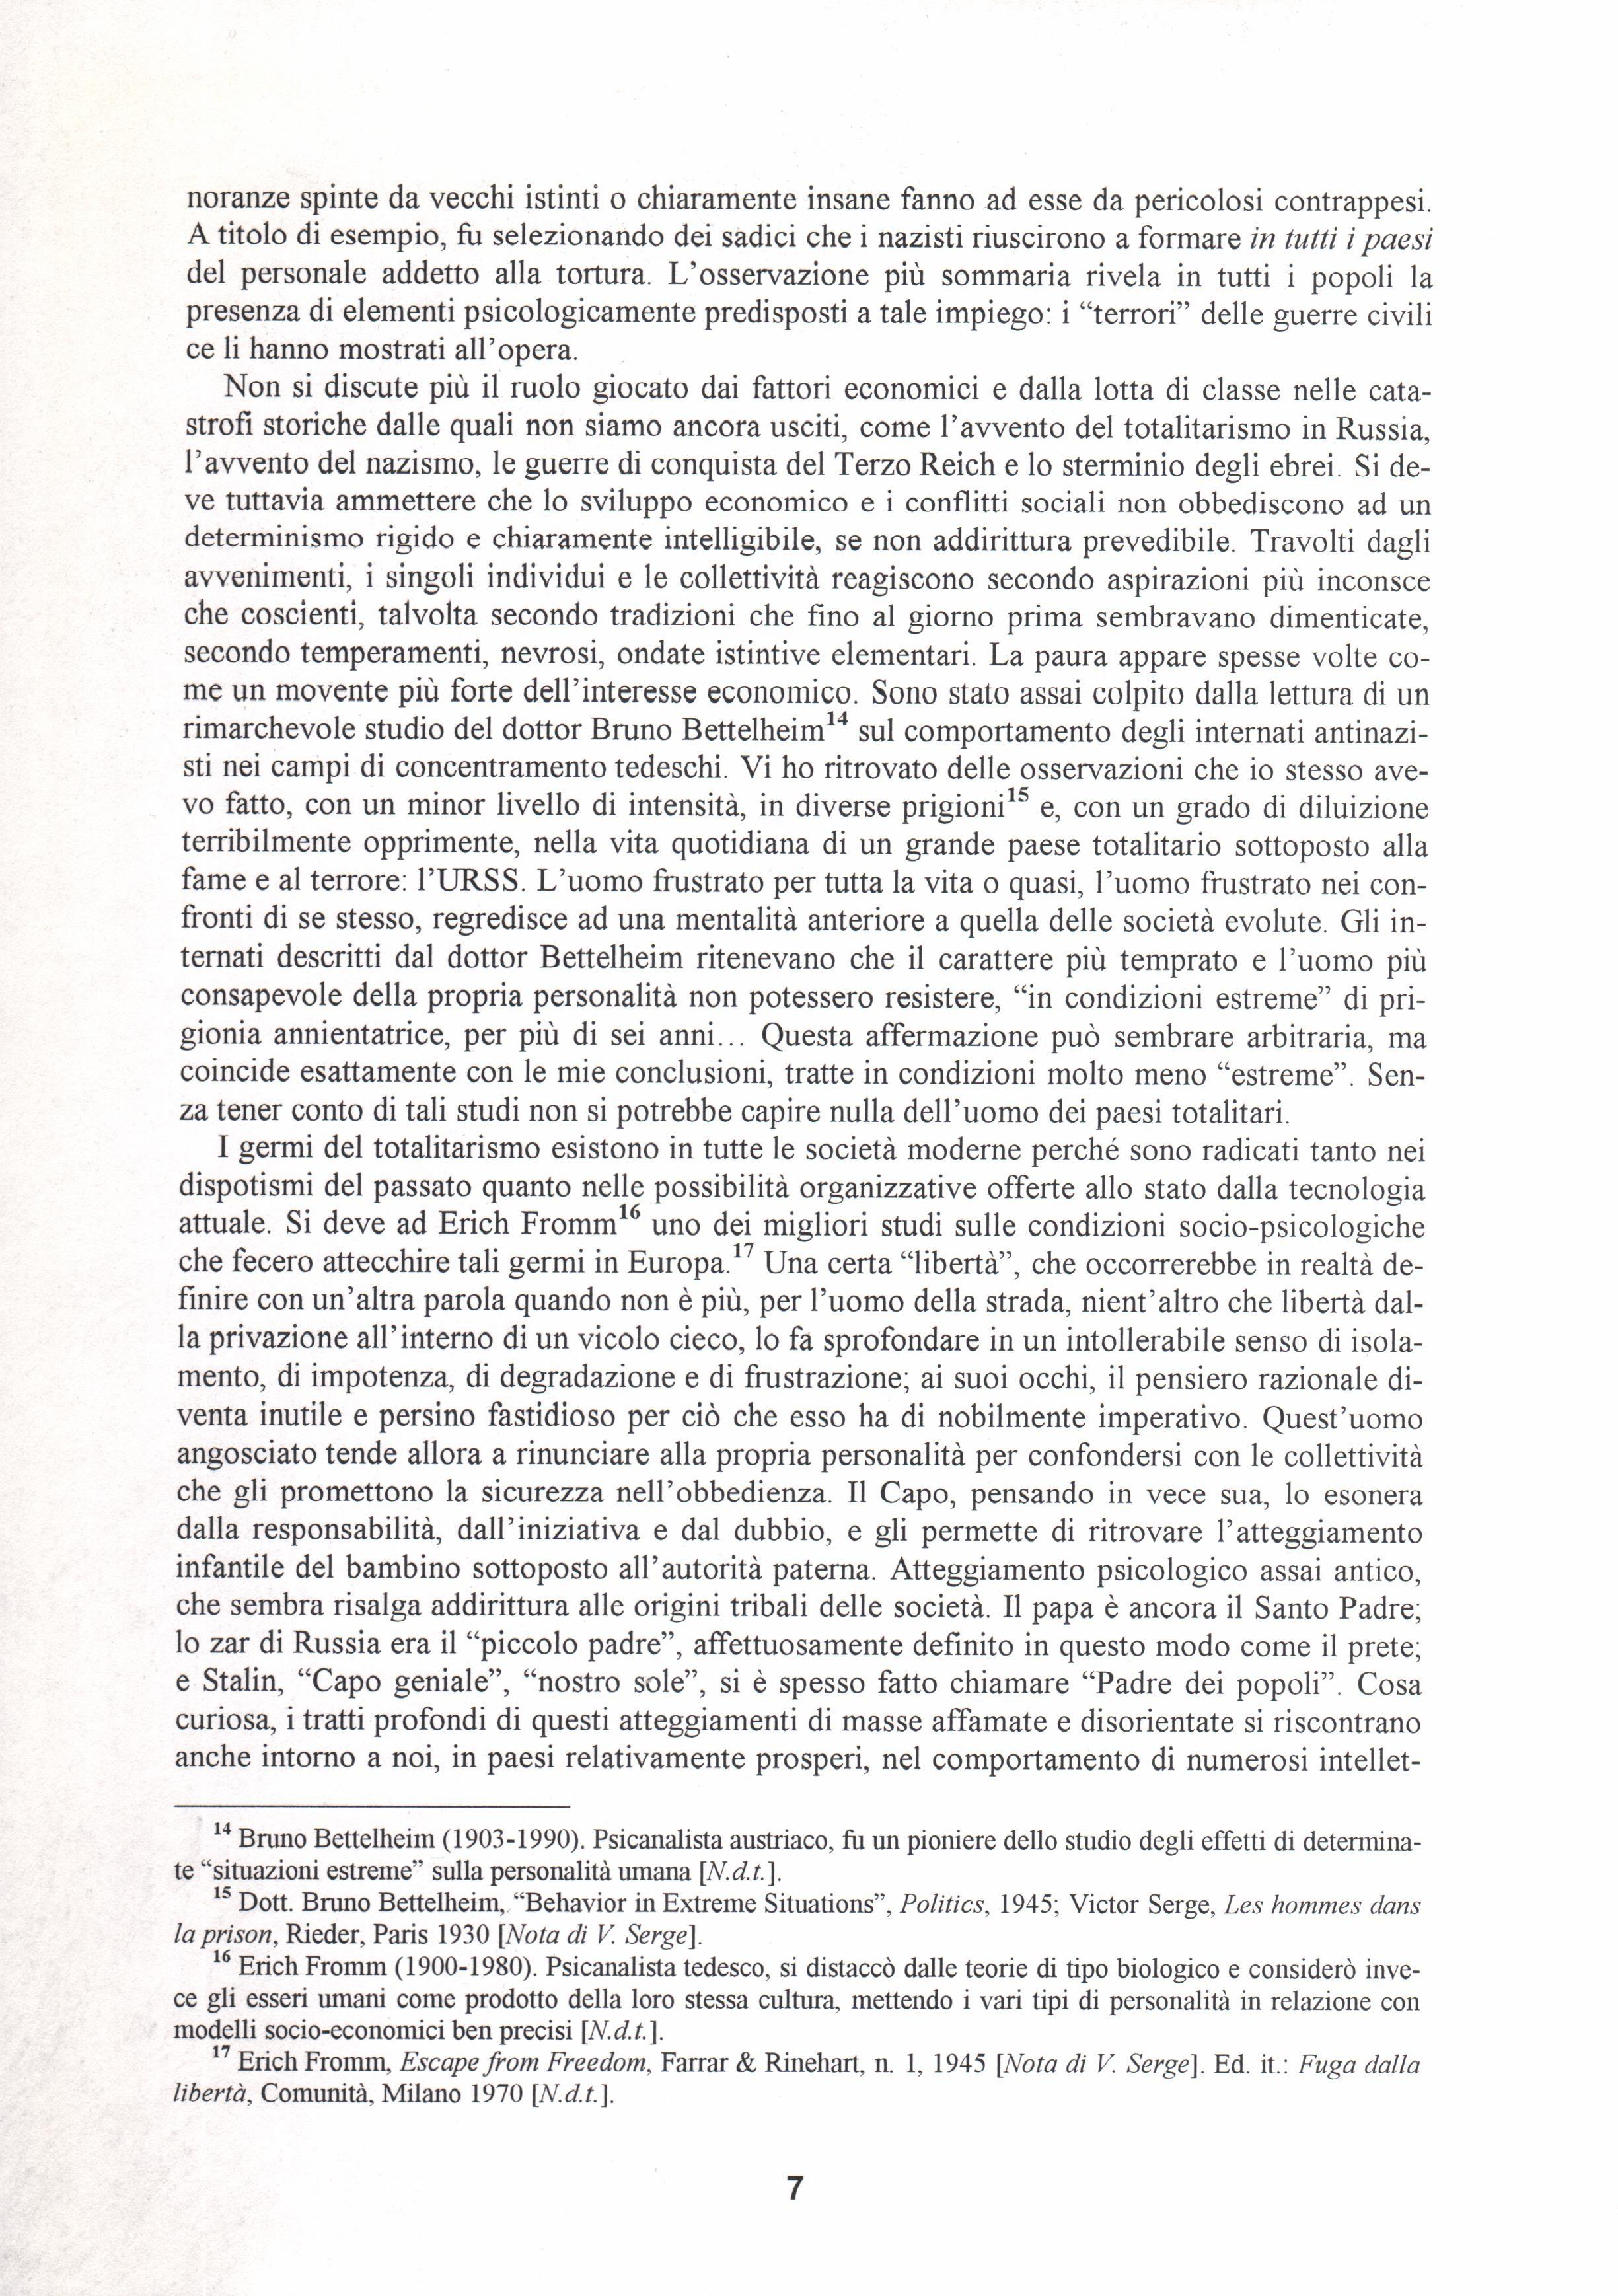 Quaderno n. 20 - pag. 8